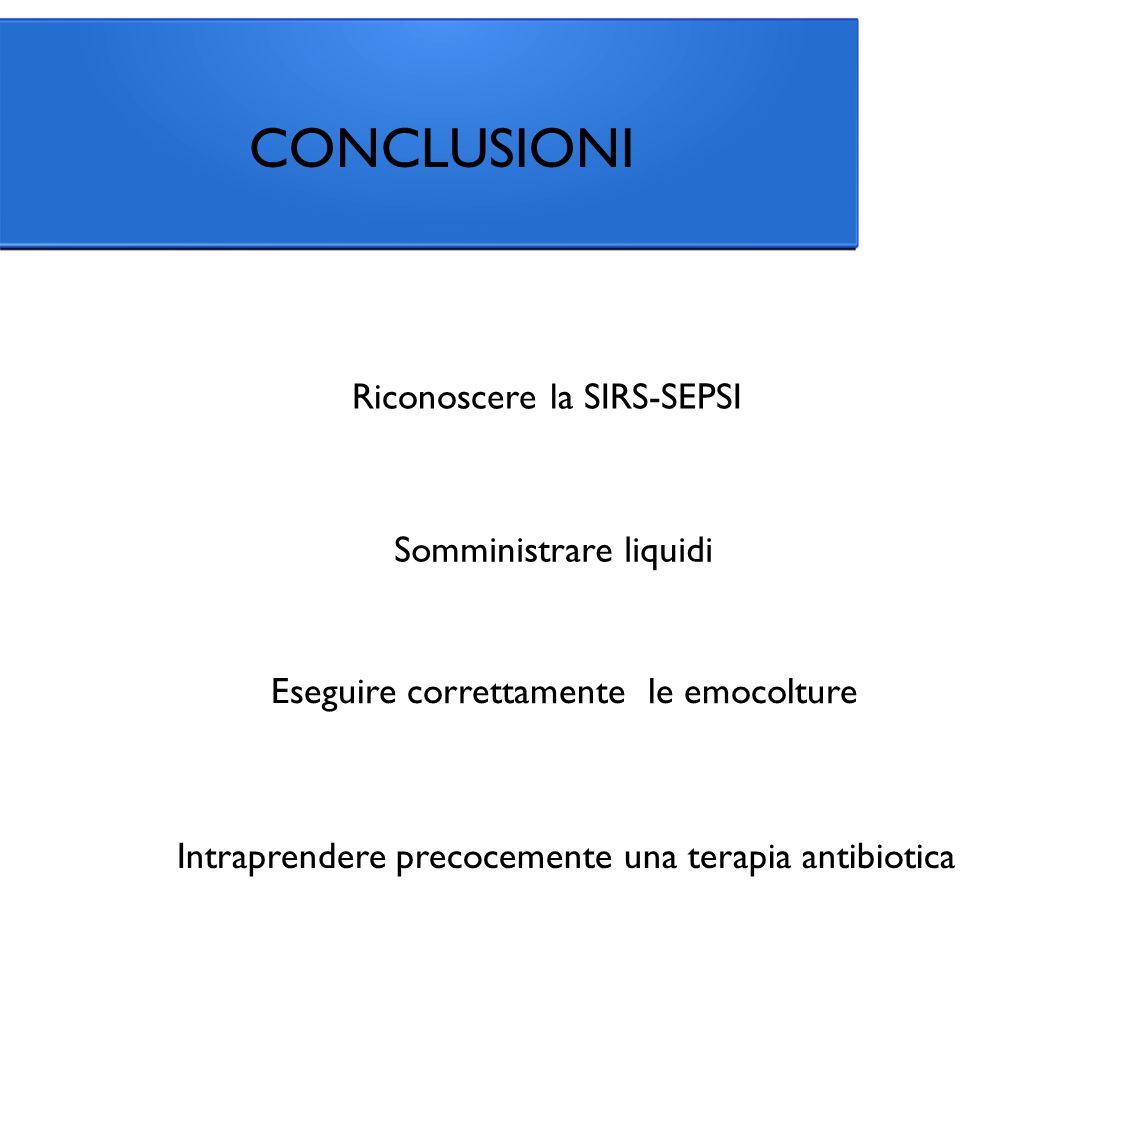 CONCLUSIONI Riconoscere la SIRS-SEPSI Intraprendere precocemente una terapia antibiotica Eseguire correttamente le emocolture Somministrare liquidi